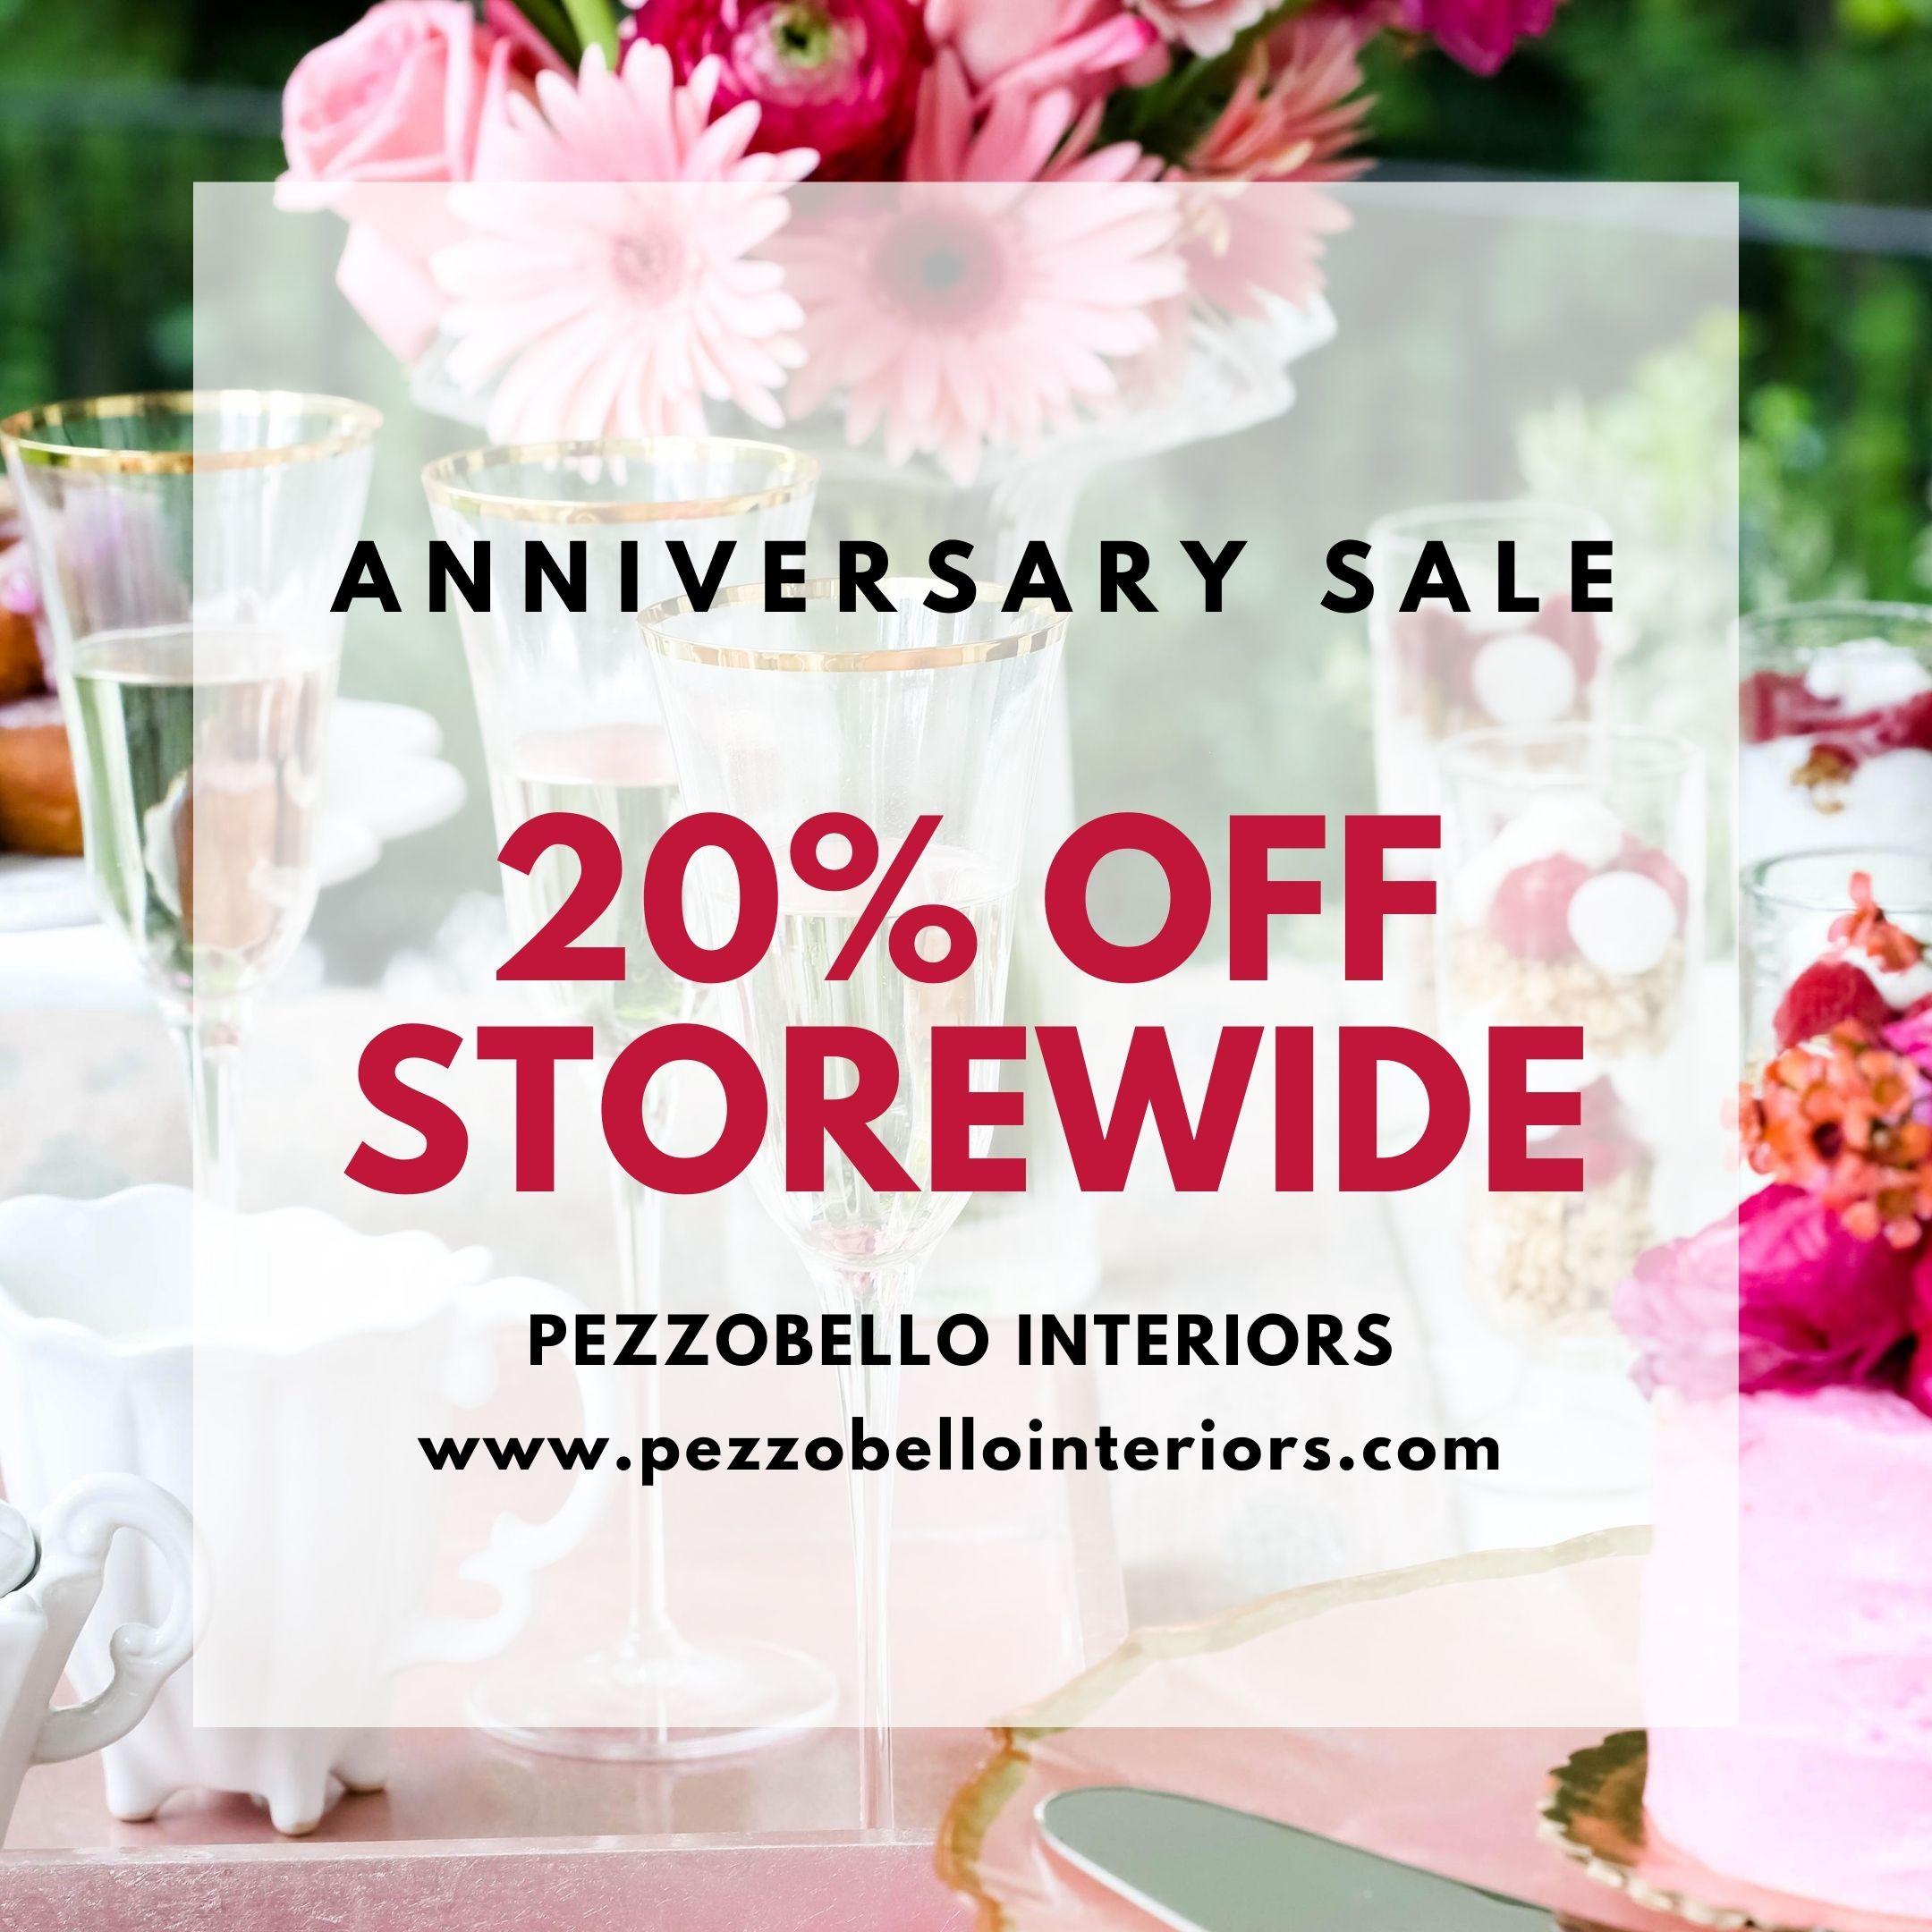 Pezzo Bello Interiors Luxury Home Decor - Anniversary Sale - 20% Off Storewide